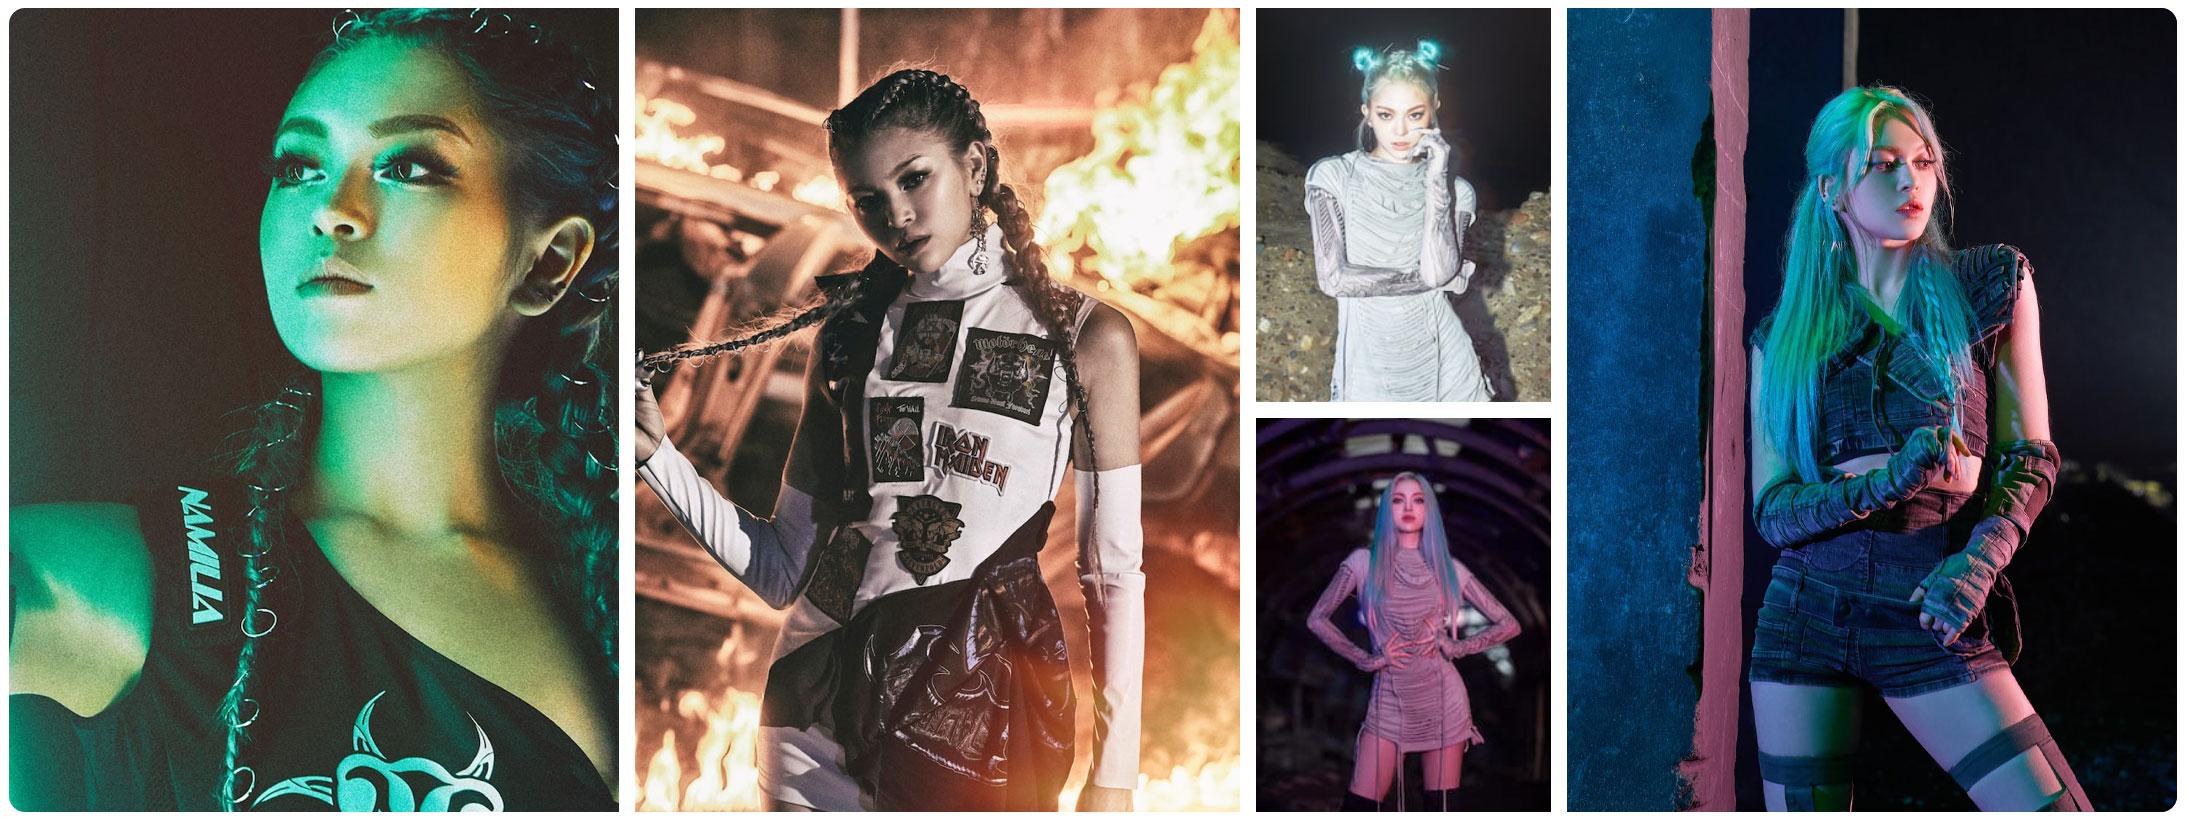 Học makeup phong cách Kpop cùng nghệ sỹ trang điểm của IZ*ONE 2